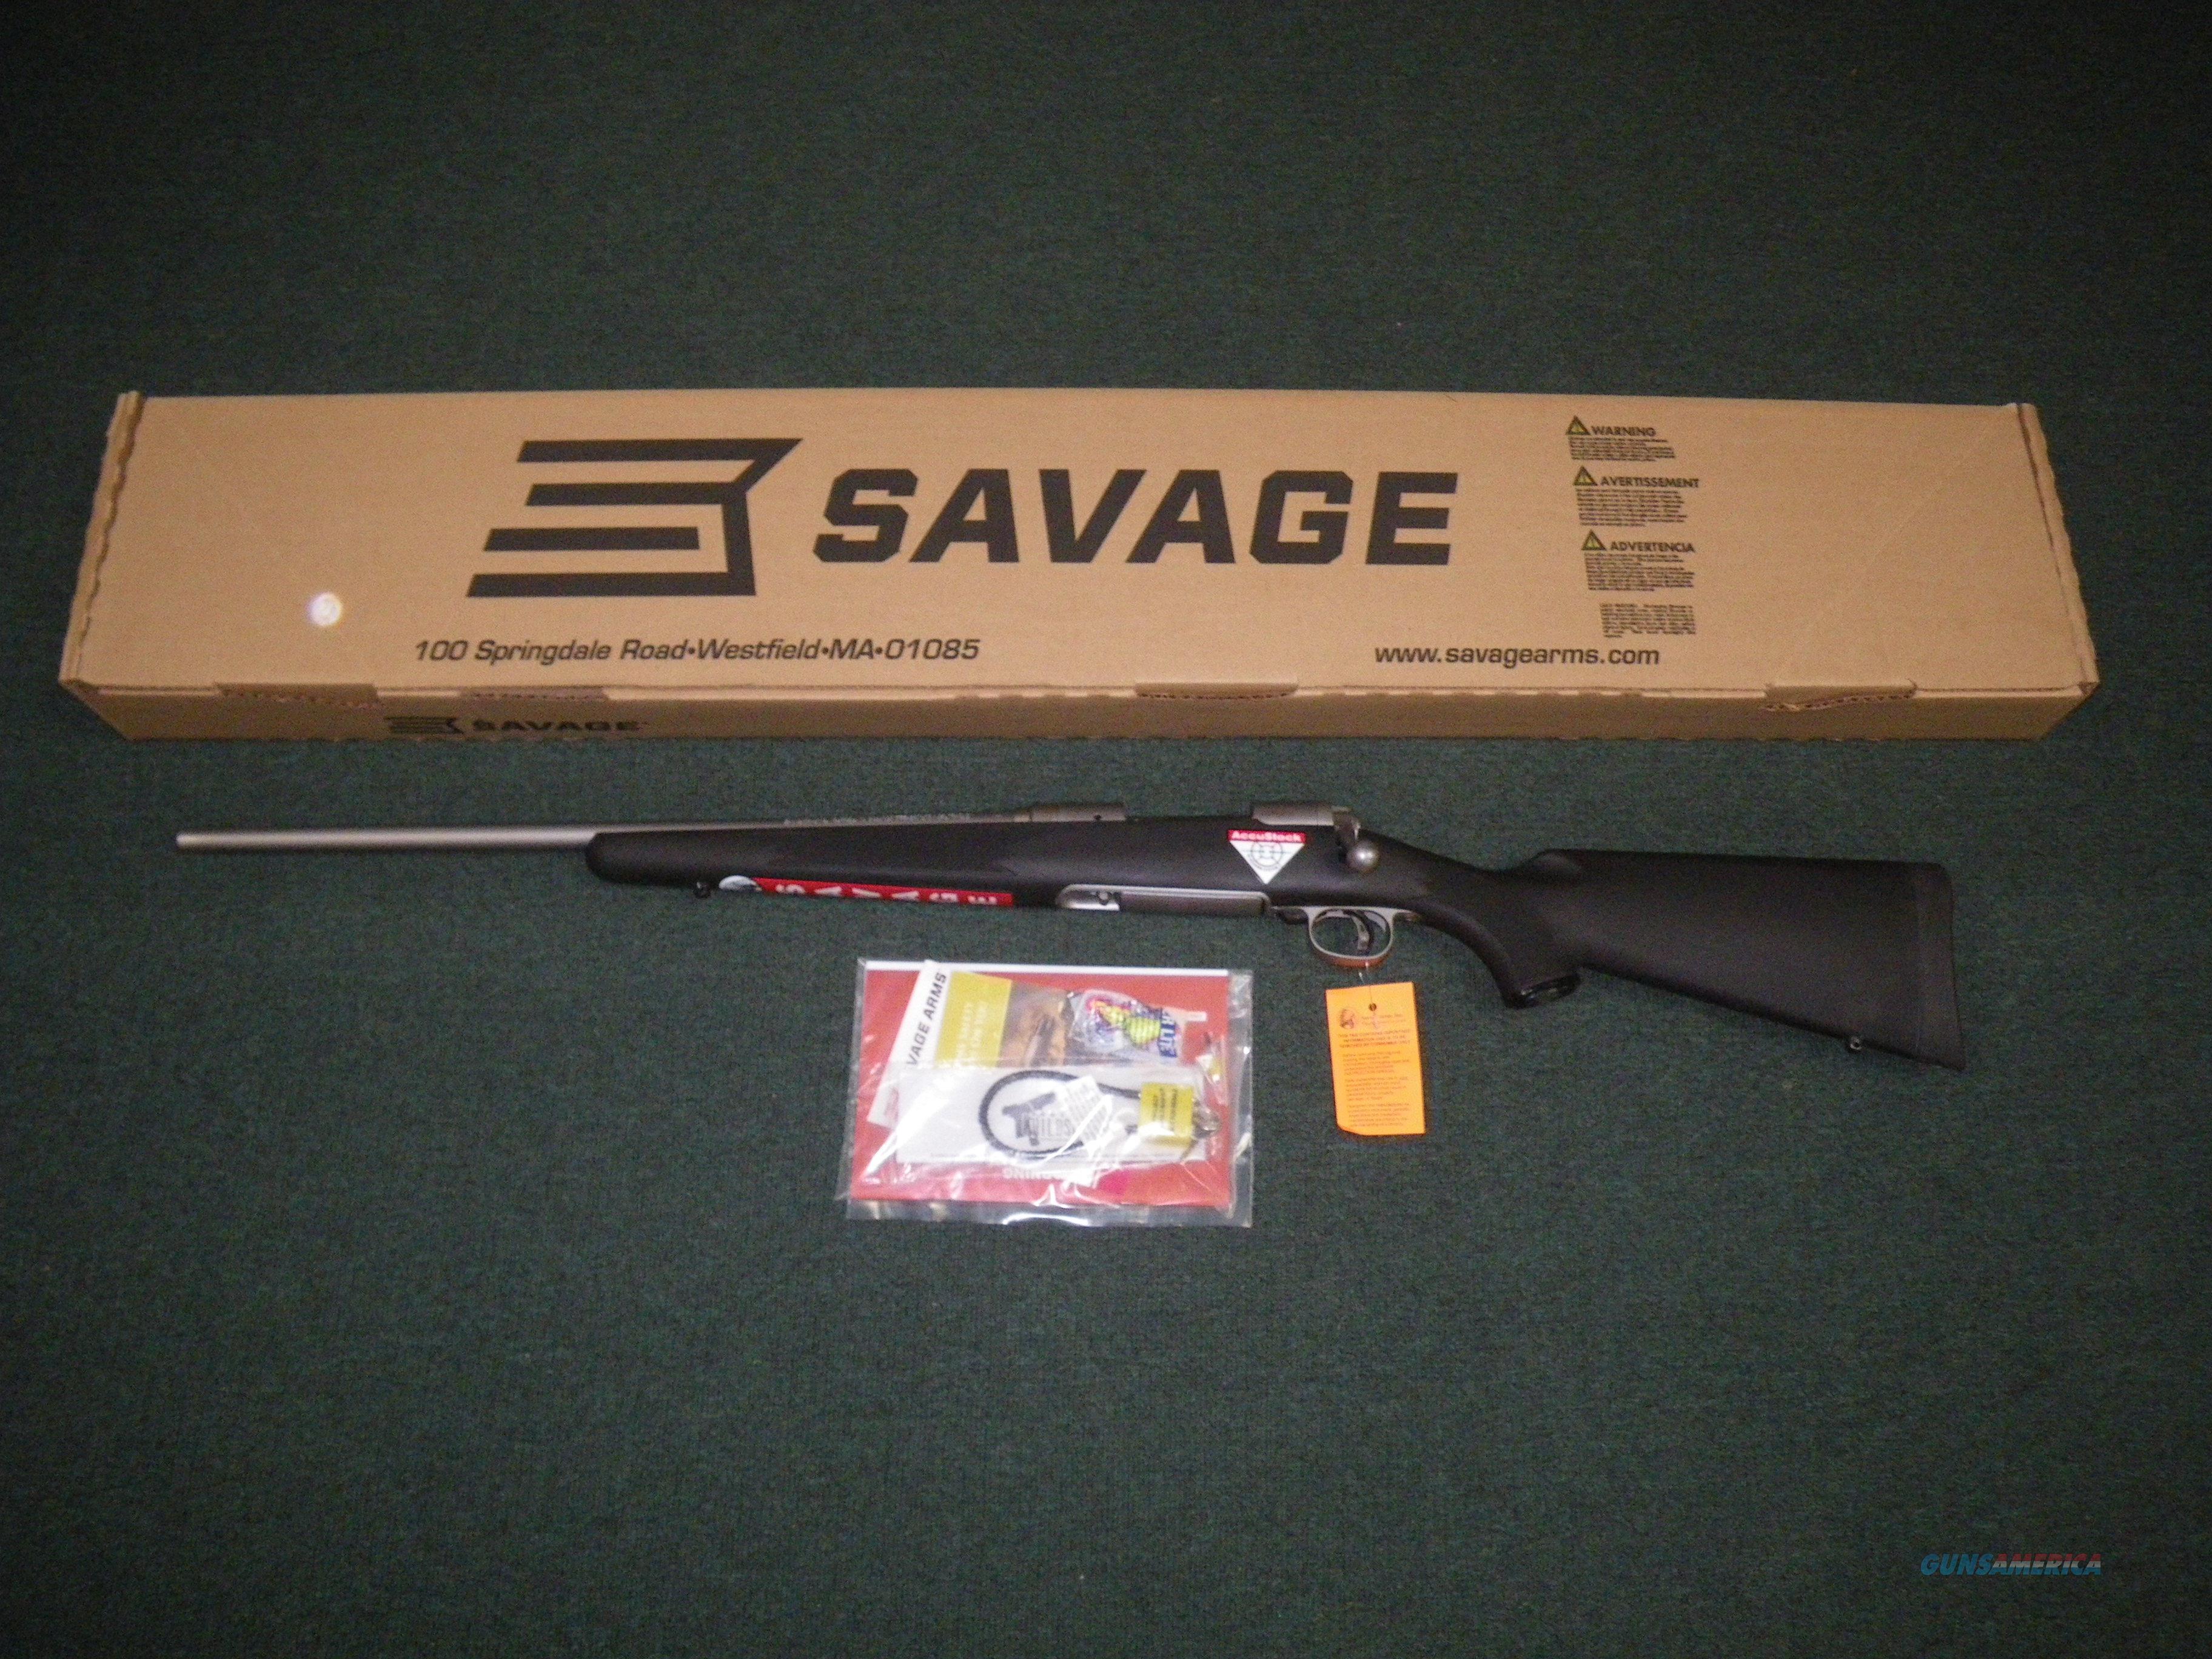 """Savage 16/116 FLCSS LH Stainless 308 Win 22"""" NEW #22200  Guns > Rifles > Savage Rifles > 16/116"""